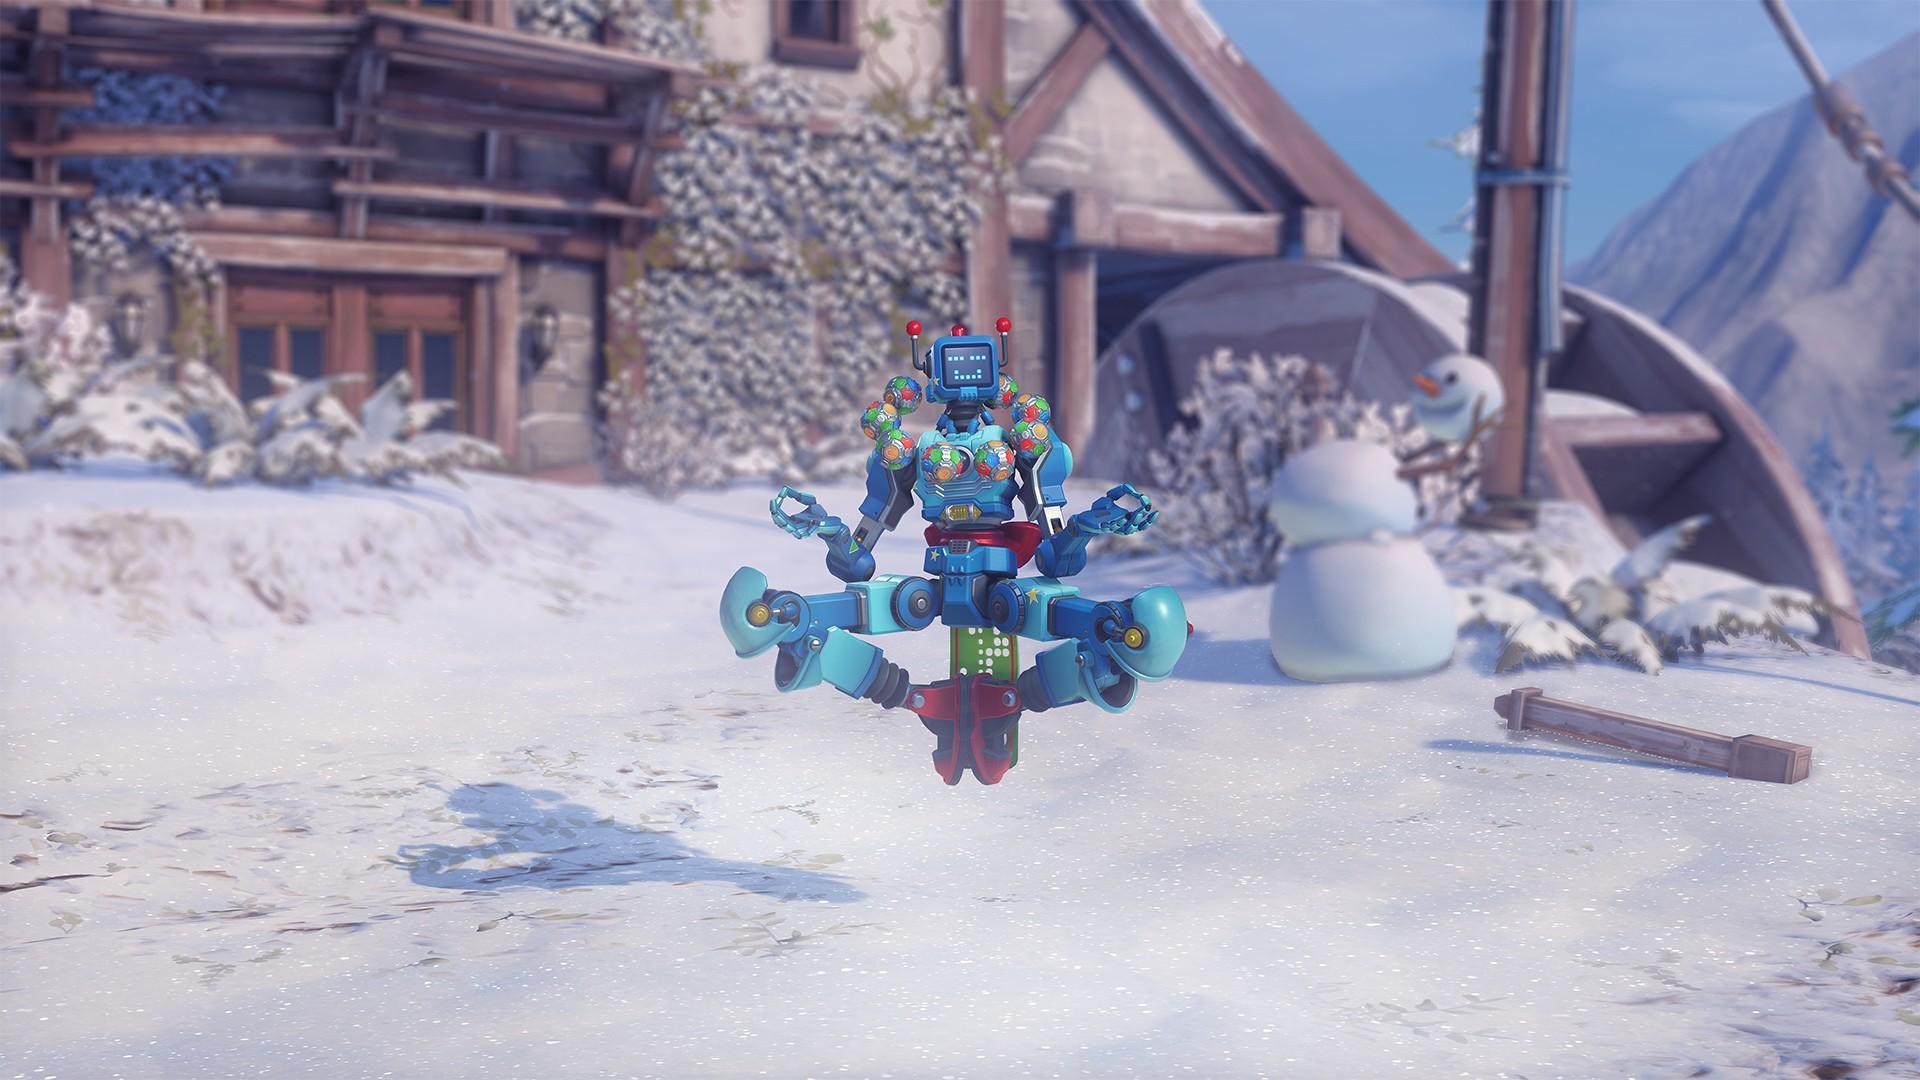 В Overwatch стартовало событие «Зимняя сказка» 2